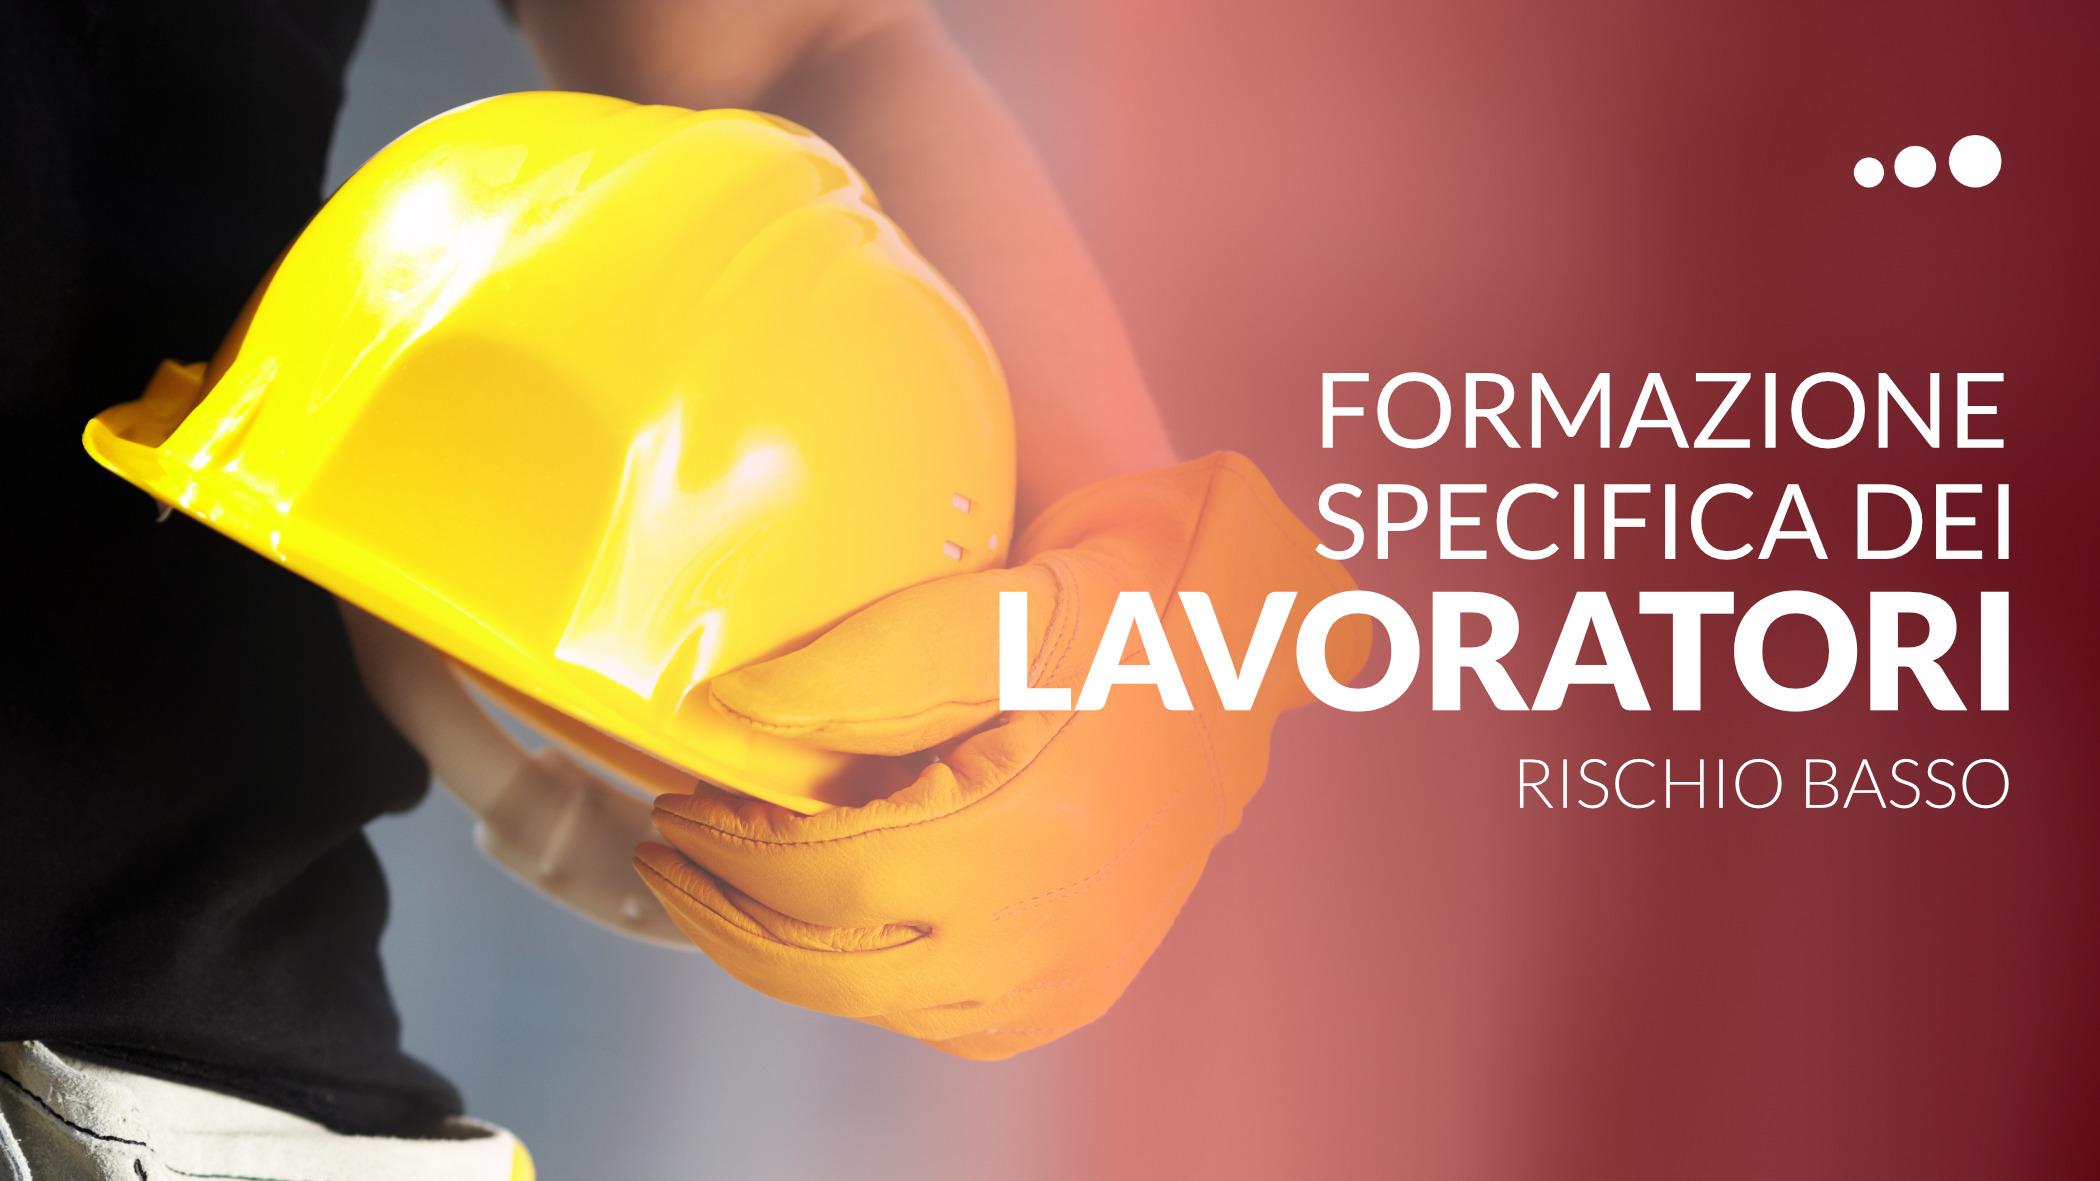 Formazione specifica dei lavoratori a rischio basso